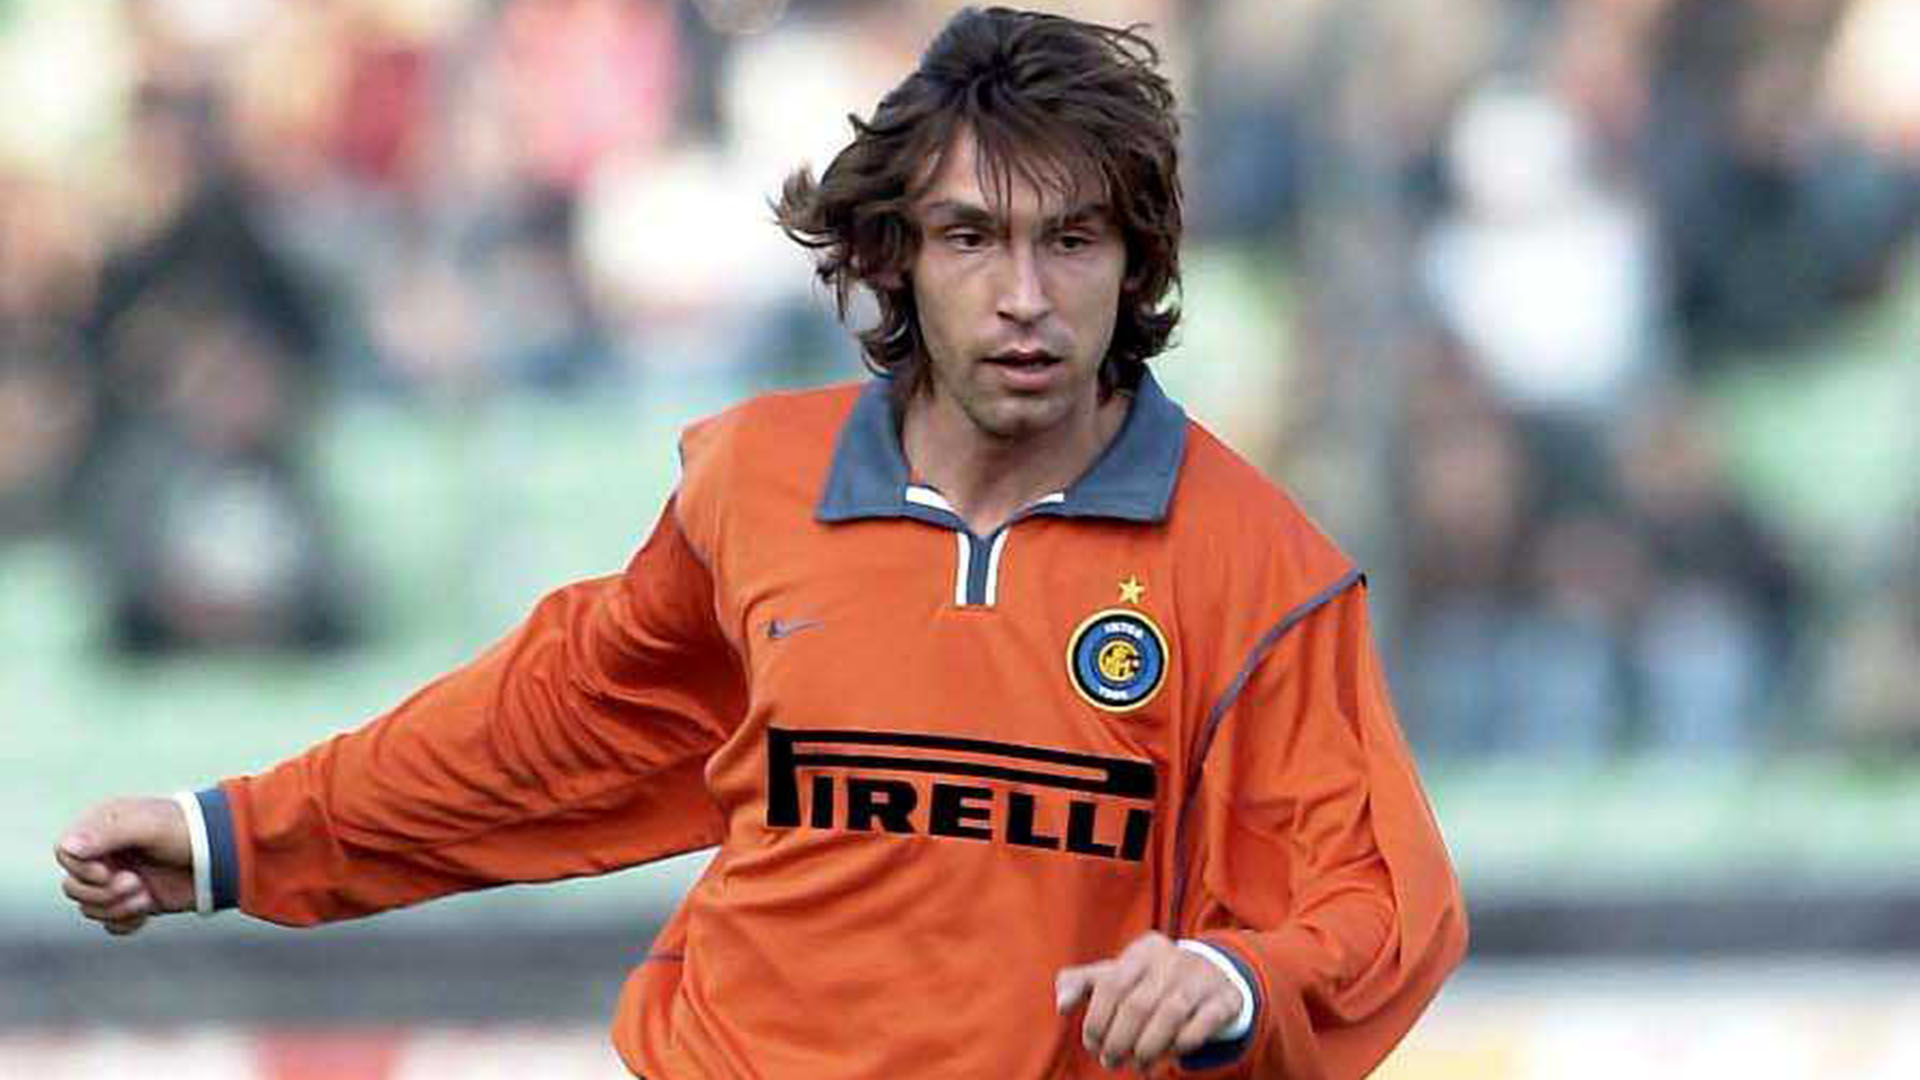 Andrea Pirlo Inter